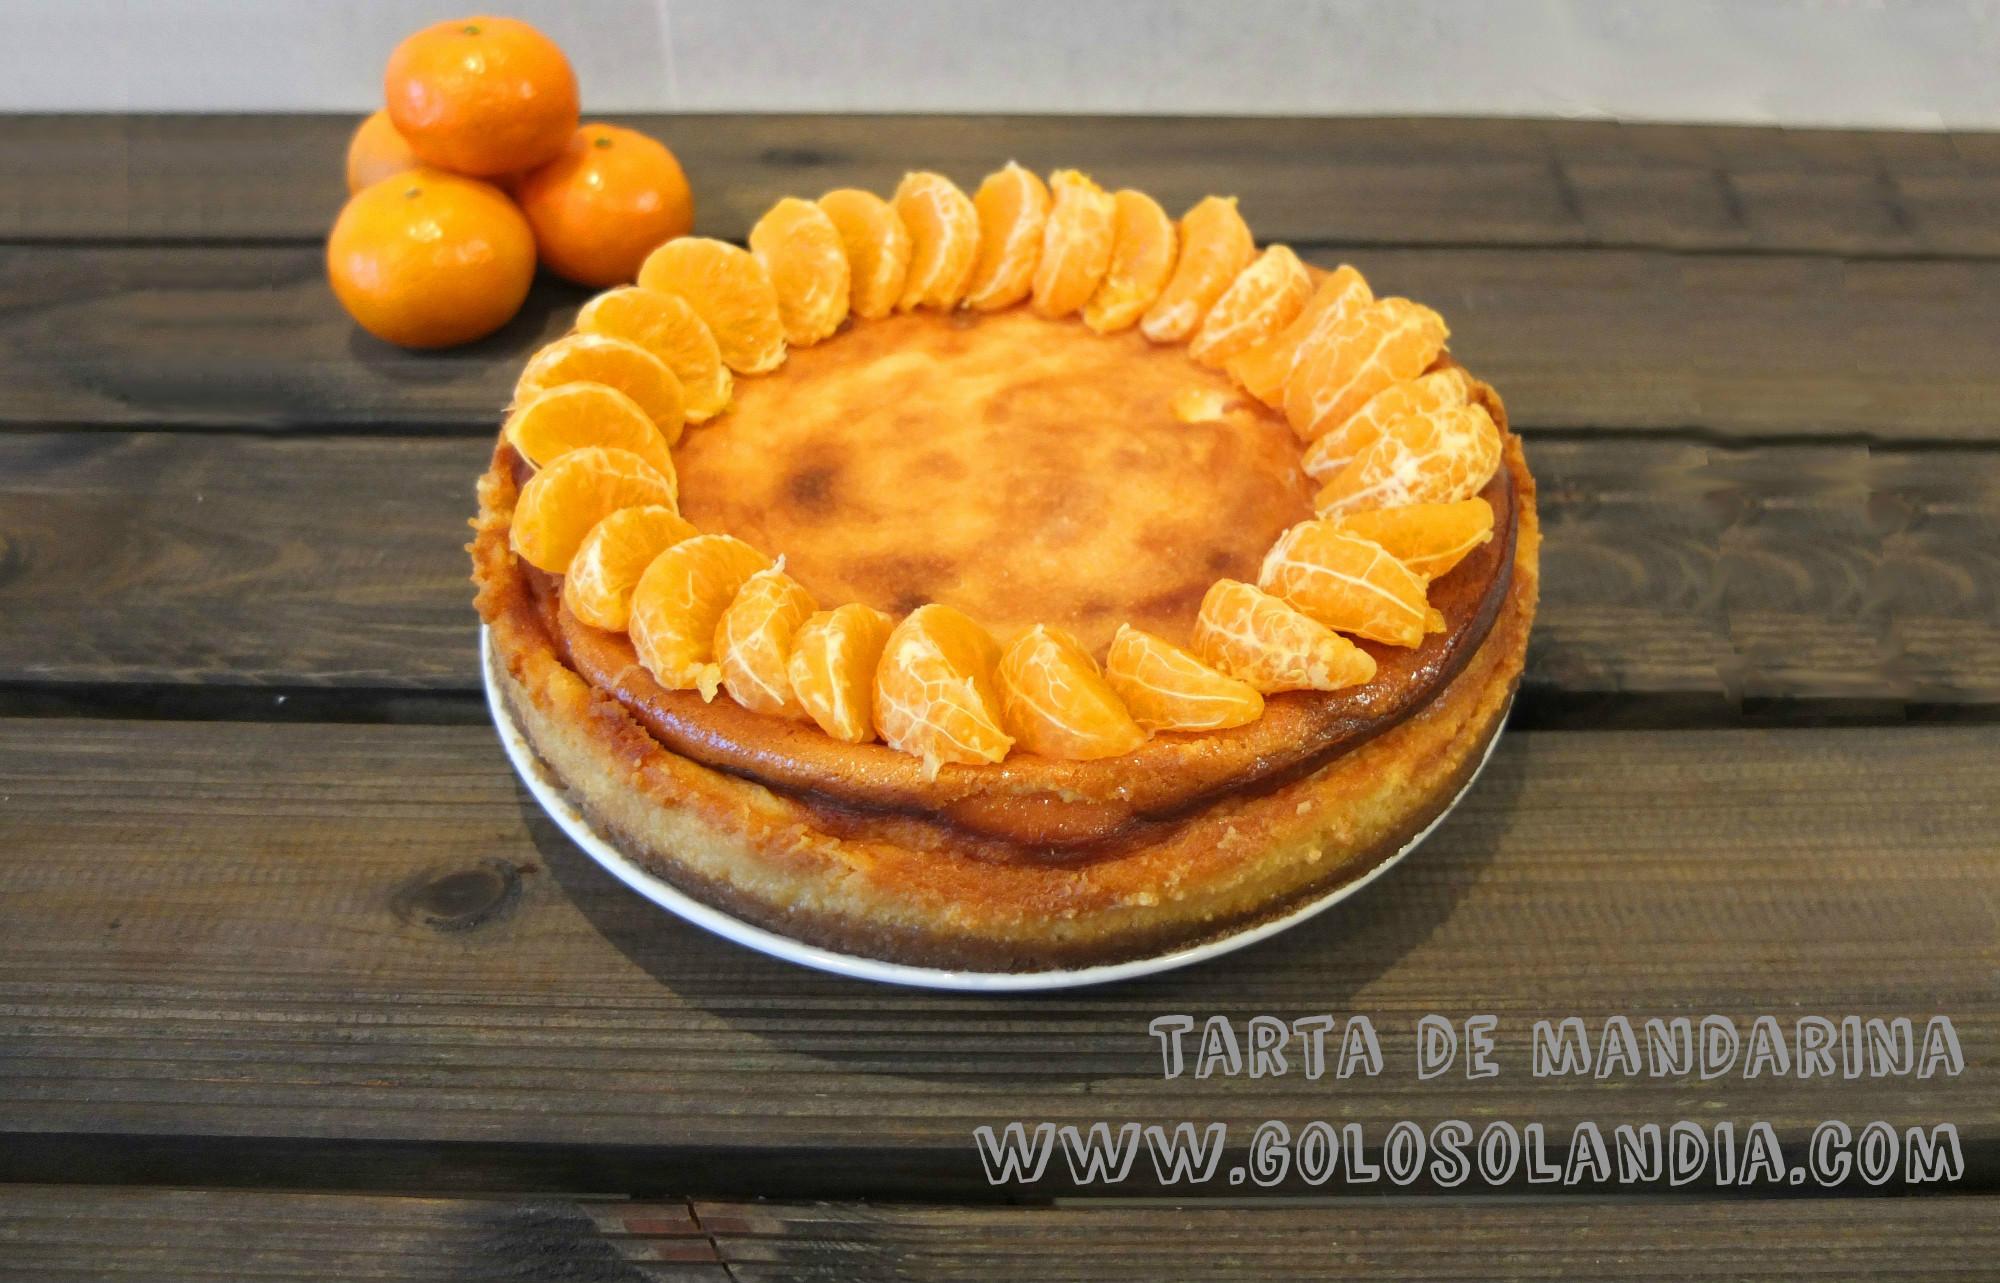 Tarta de mandarina f cil receta casera paso a paso - Postre con mandarinas ...